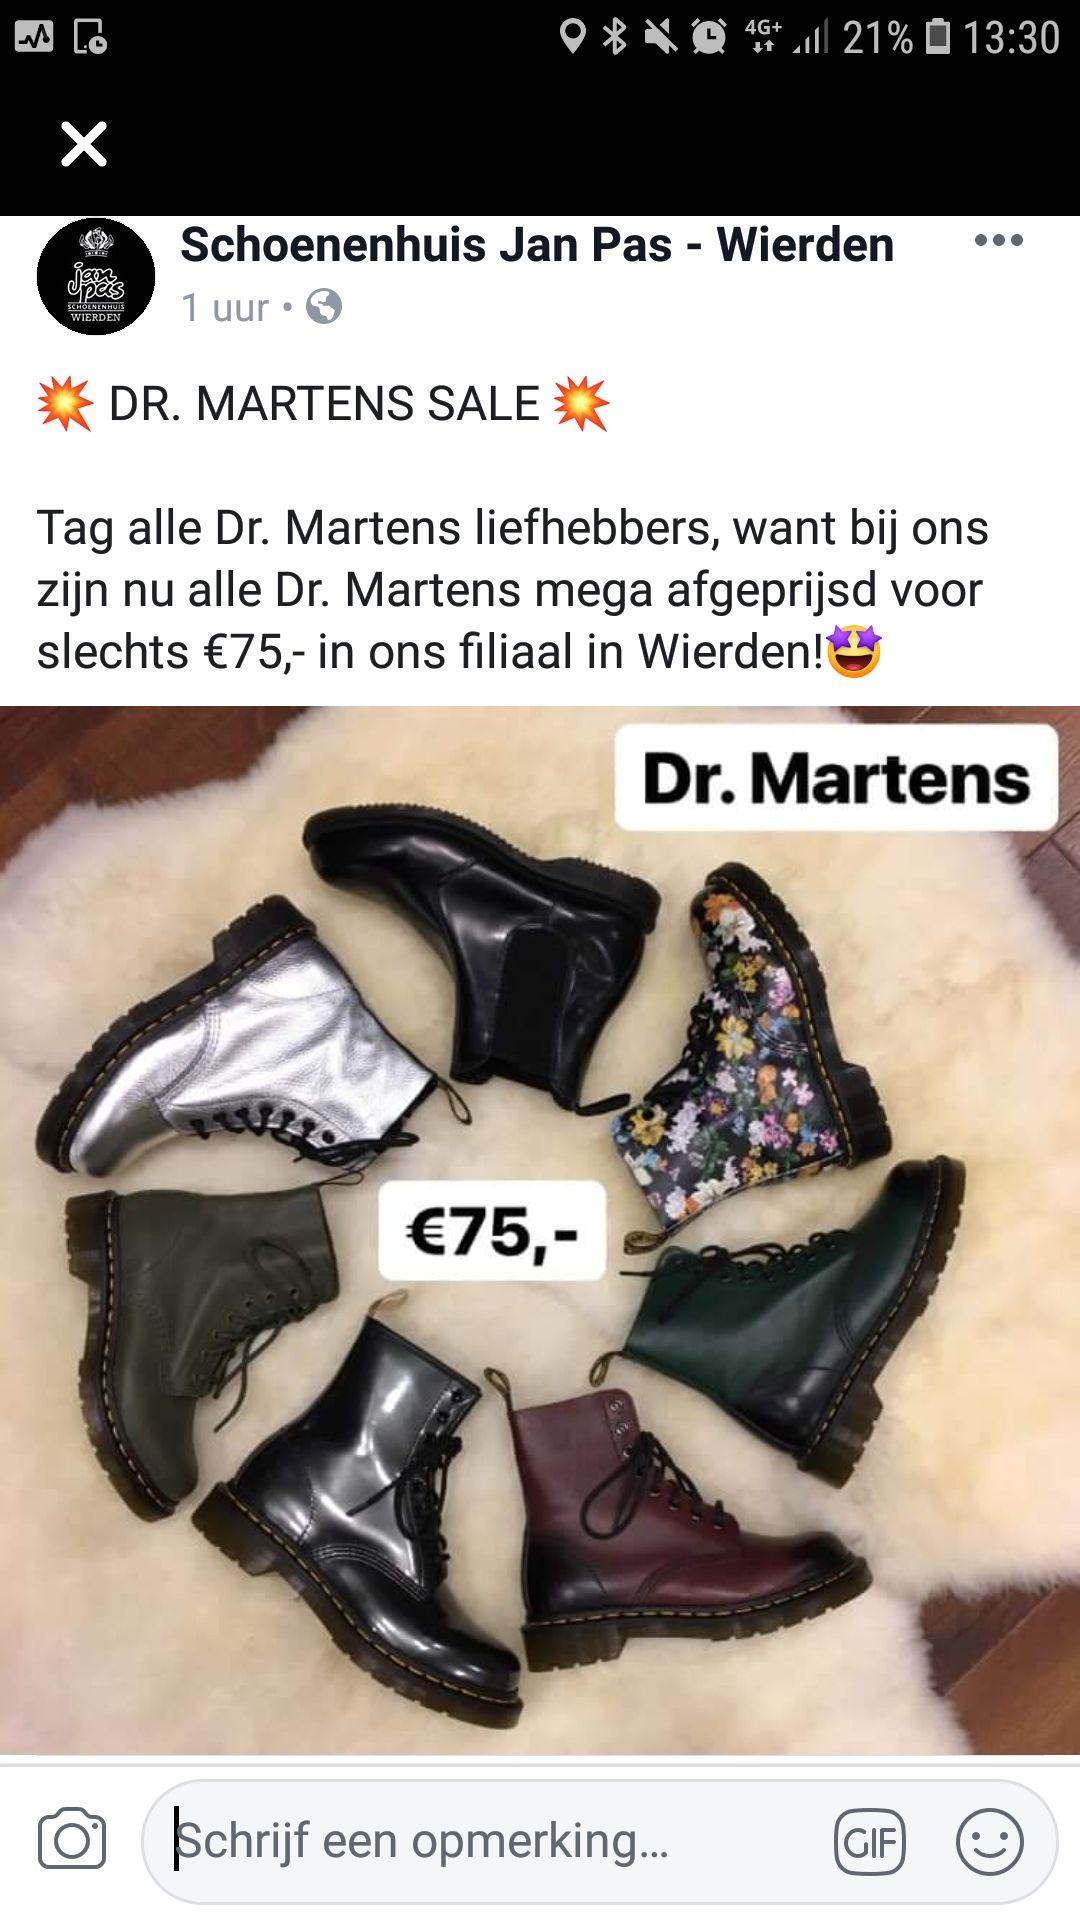 [lokaal - Wierden] Dr martens